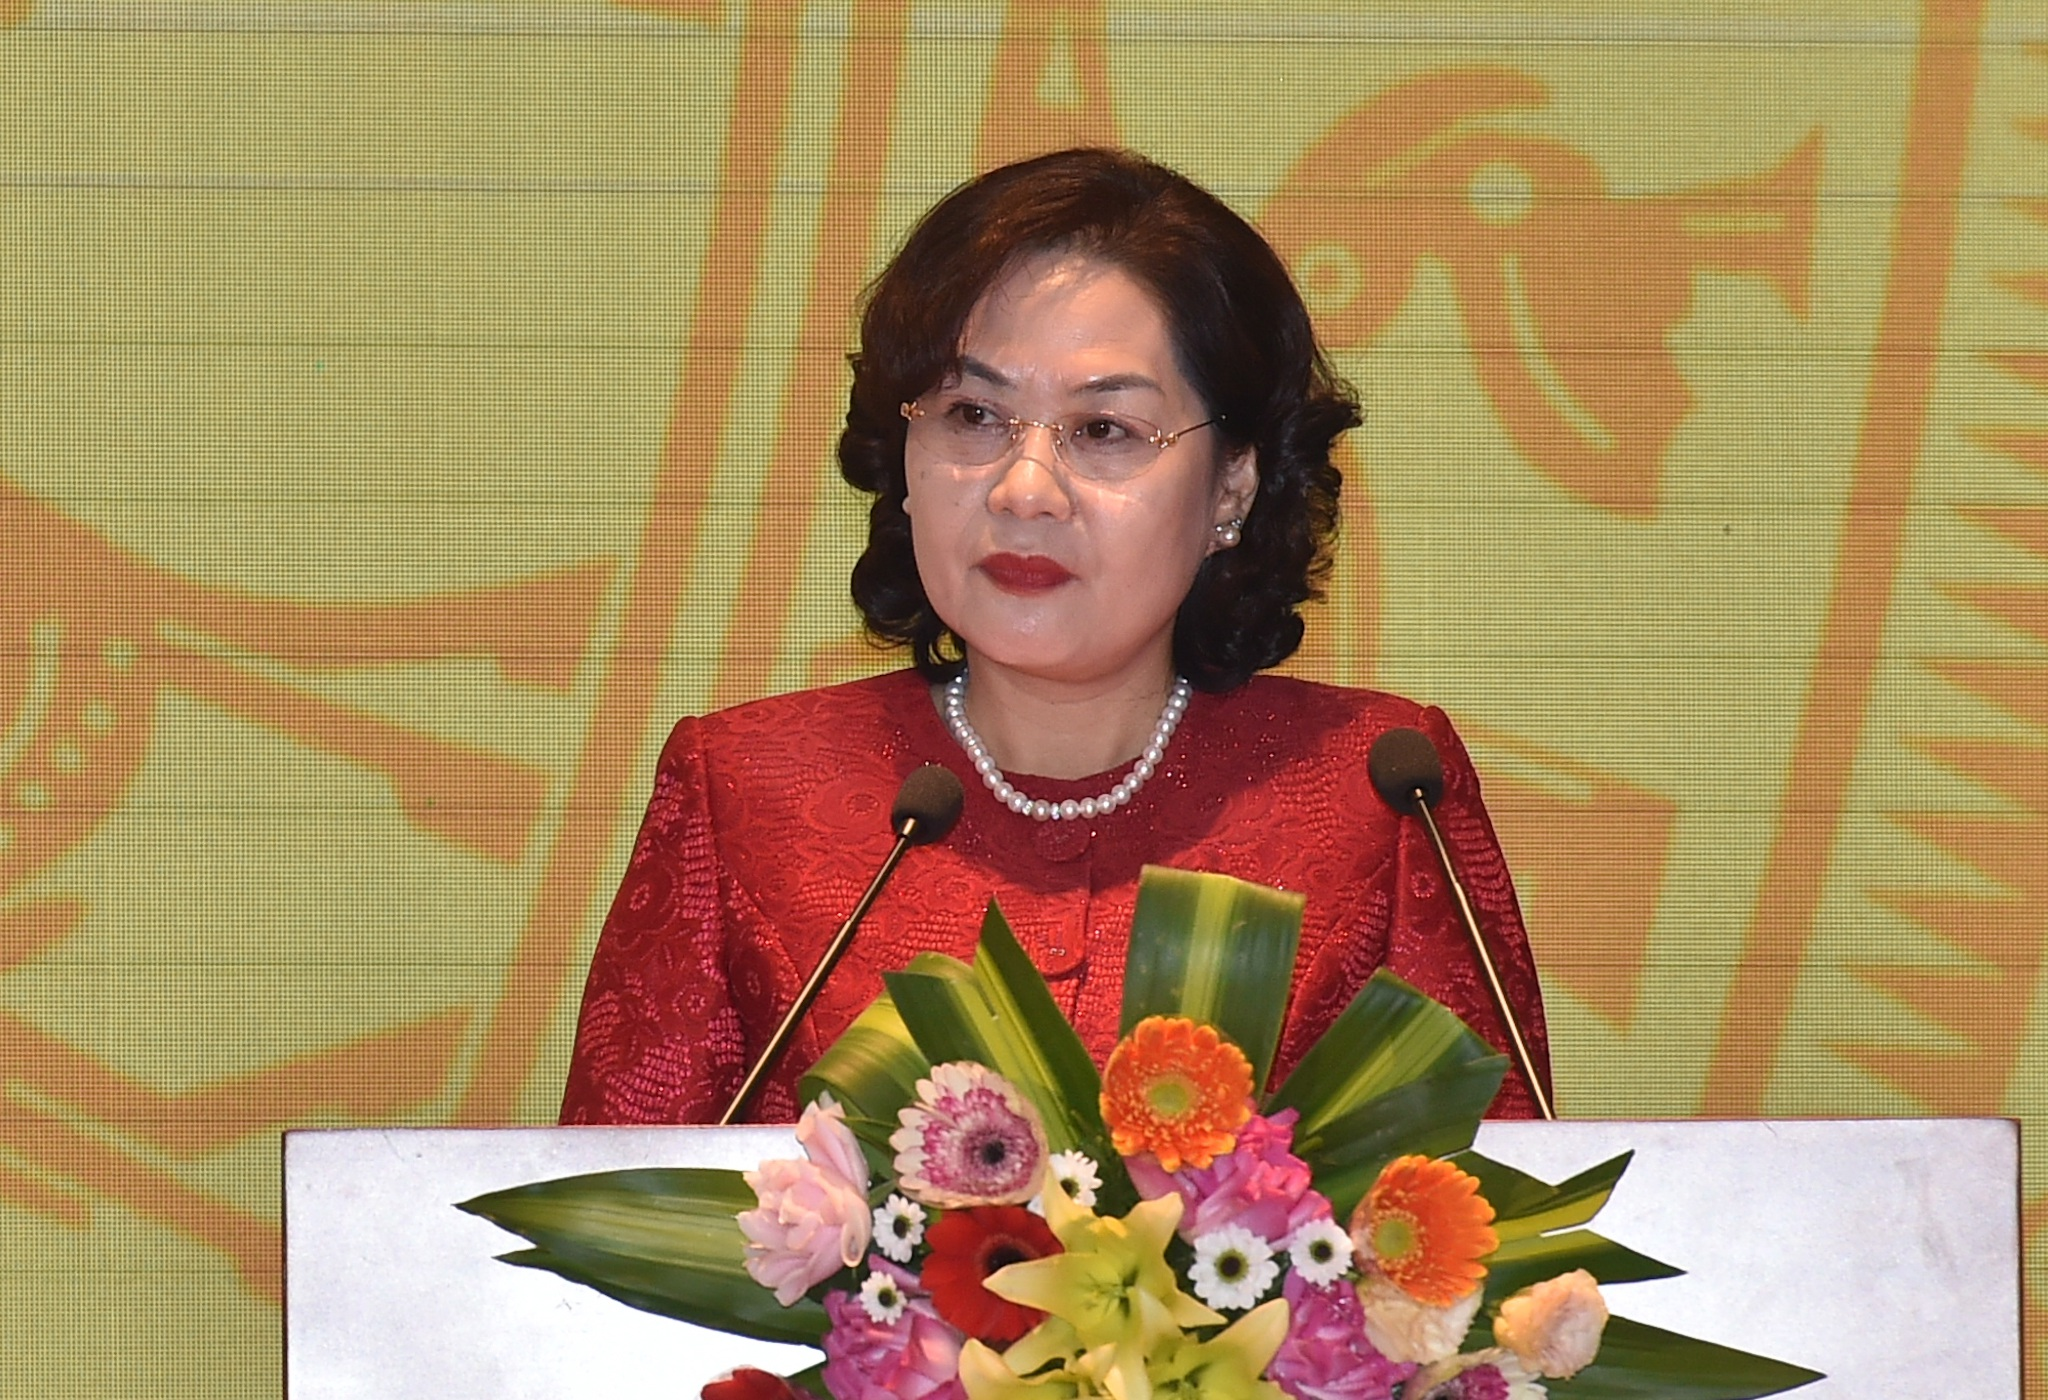 Yêu cầu của Thủ tướng với ngành ngân hàng và lời hứa của Thống đốc